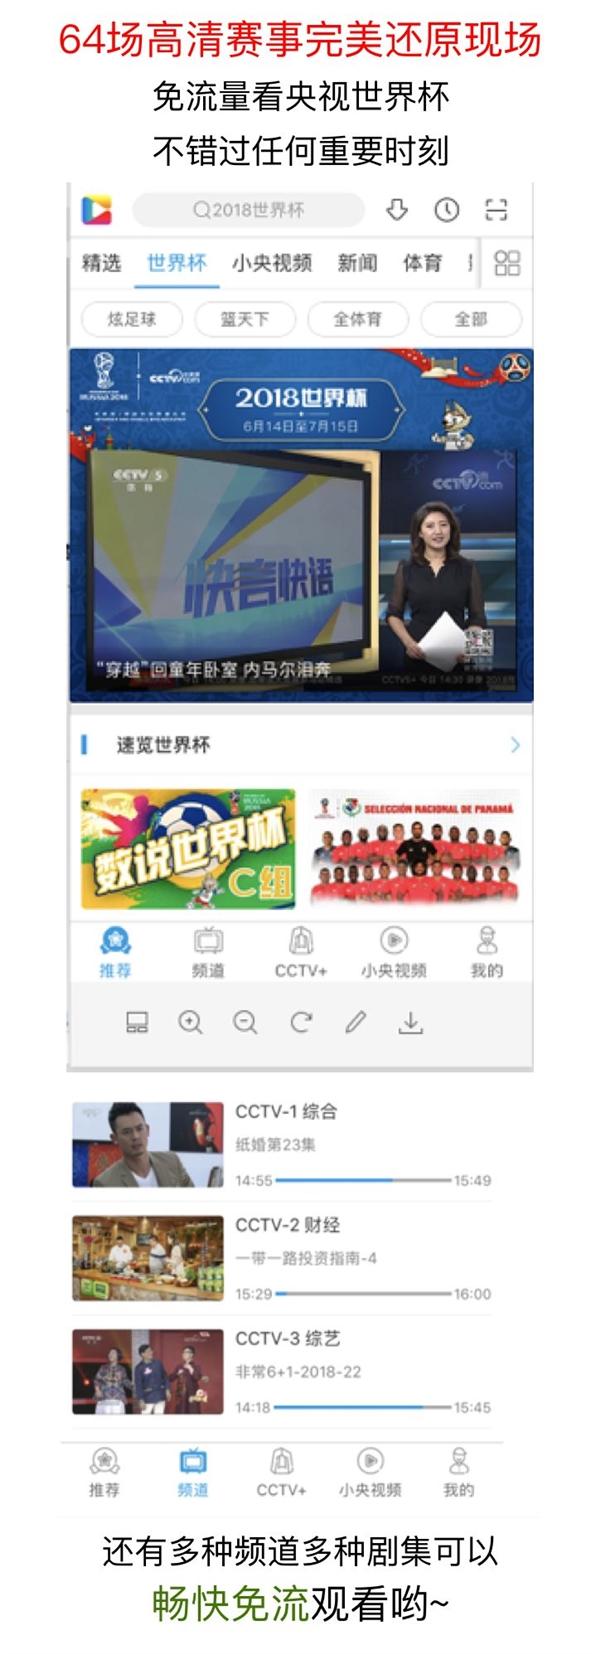 腾讯王卡/米粉卡新功能:看世界杯免流量